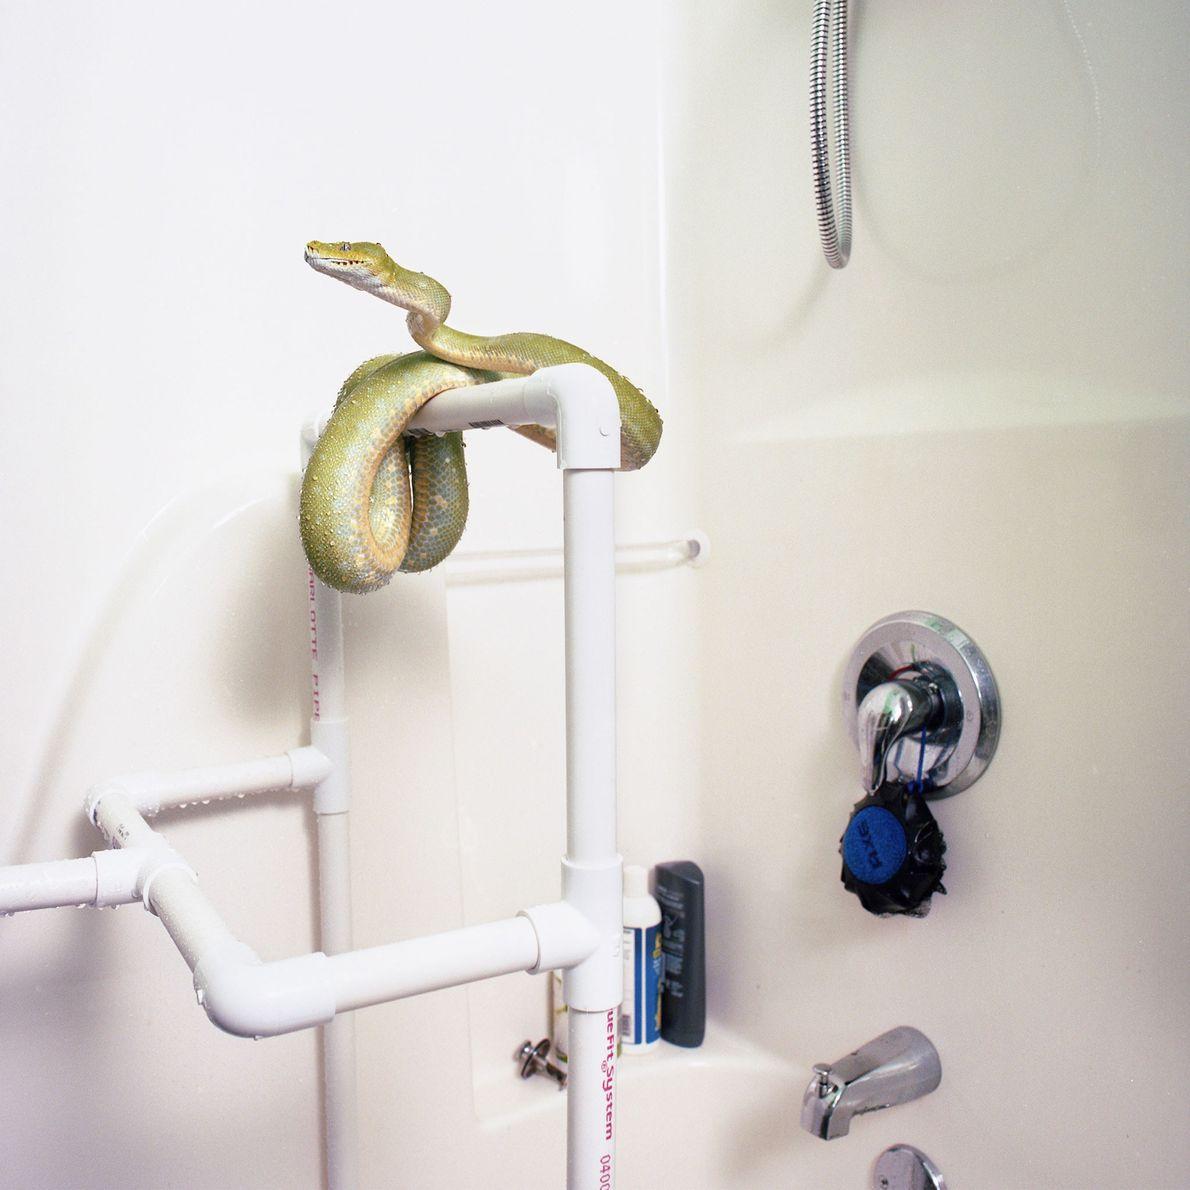 """Der Grüner Hundskopfschlinger Medusa entspannt sich gern auf einem selbstgebauten """"Baum"""" aus PVC-Rohren, den ihr Besitzer ..."""